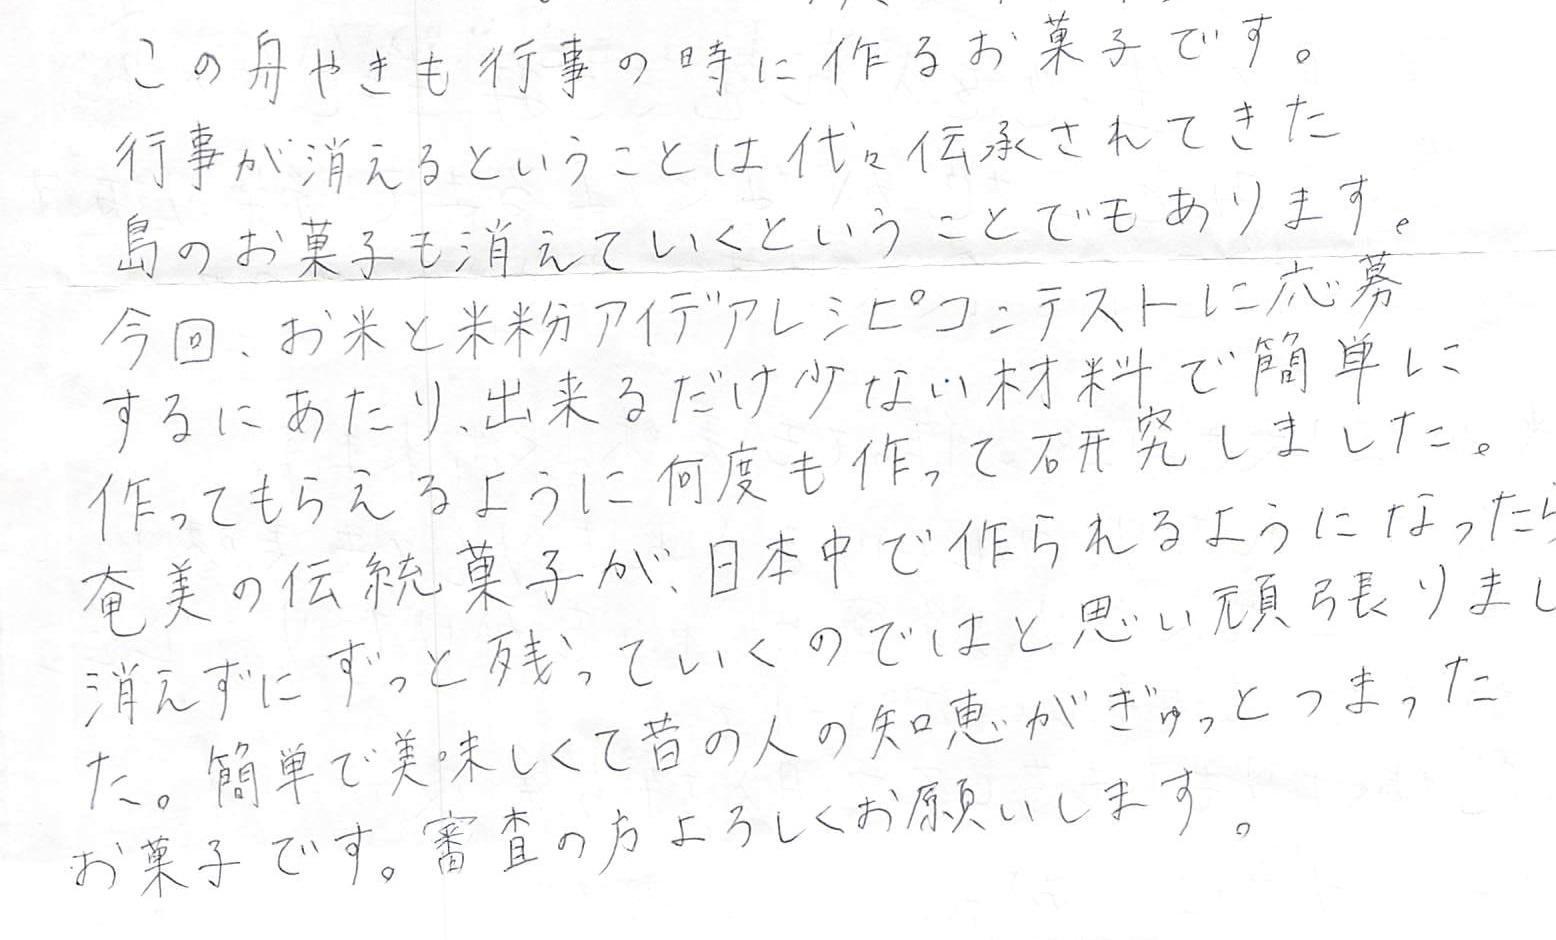 舟焼き-コメント